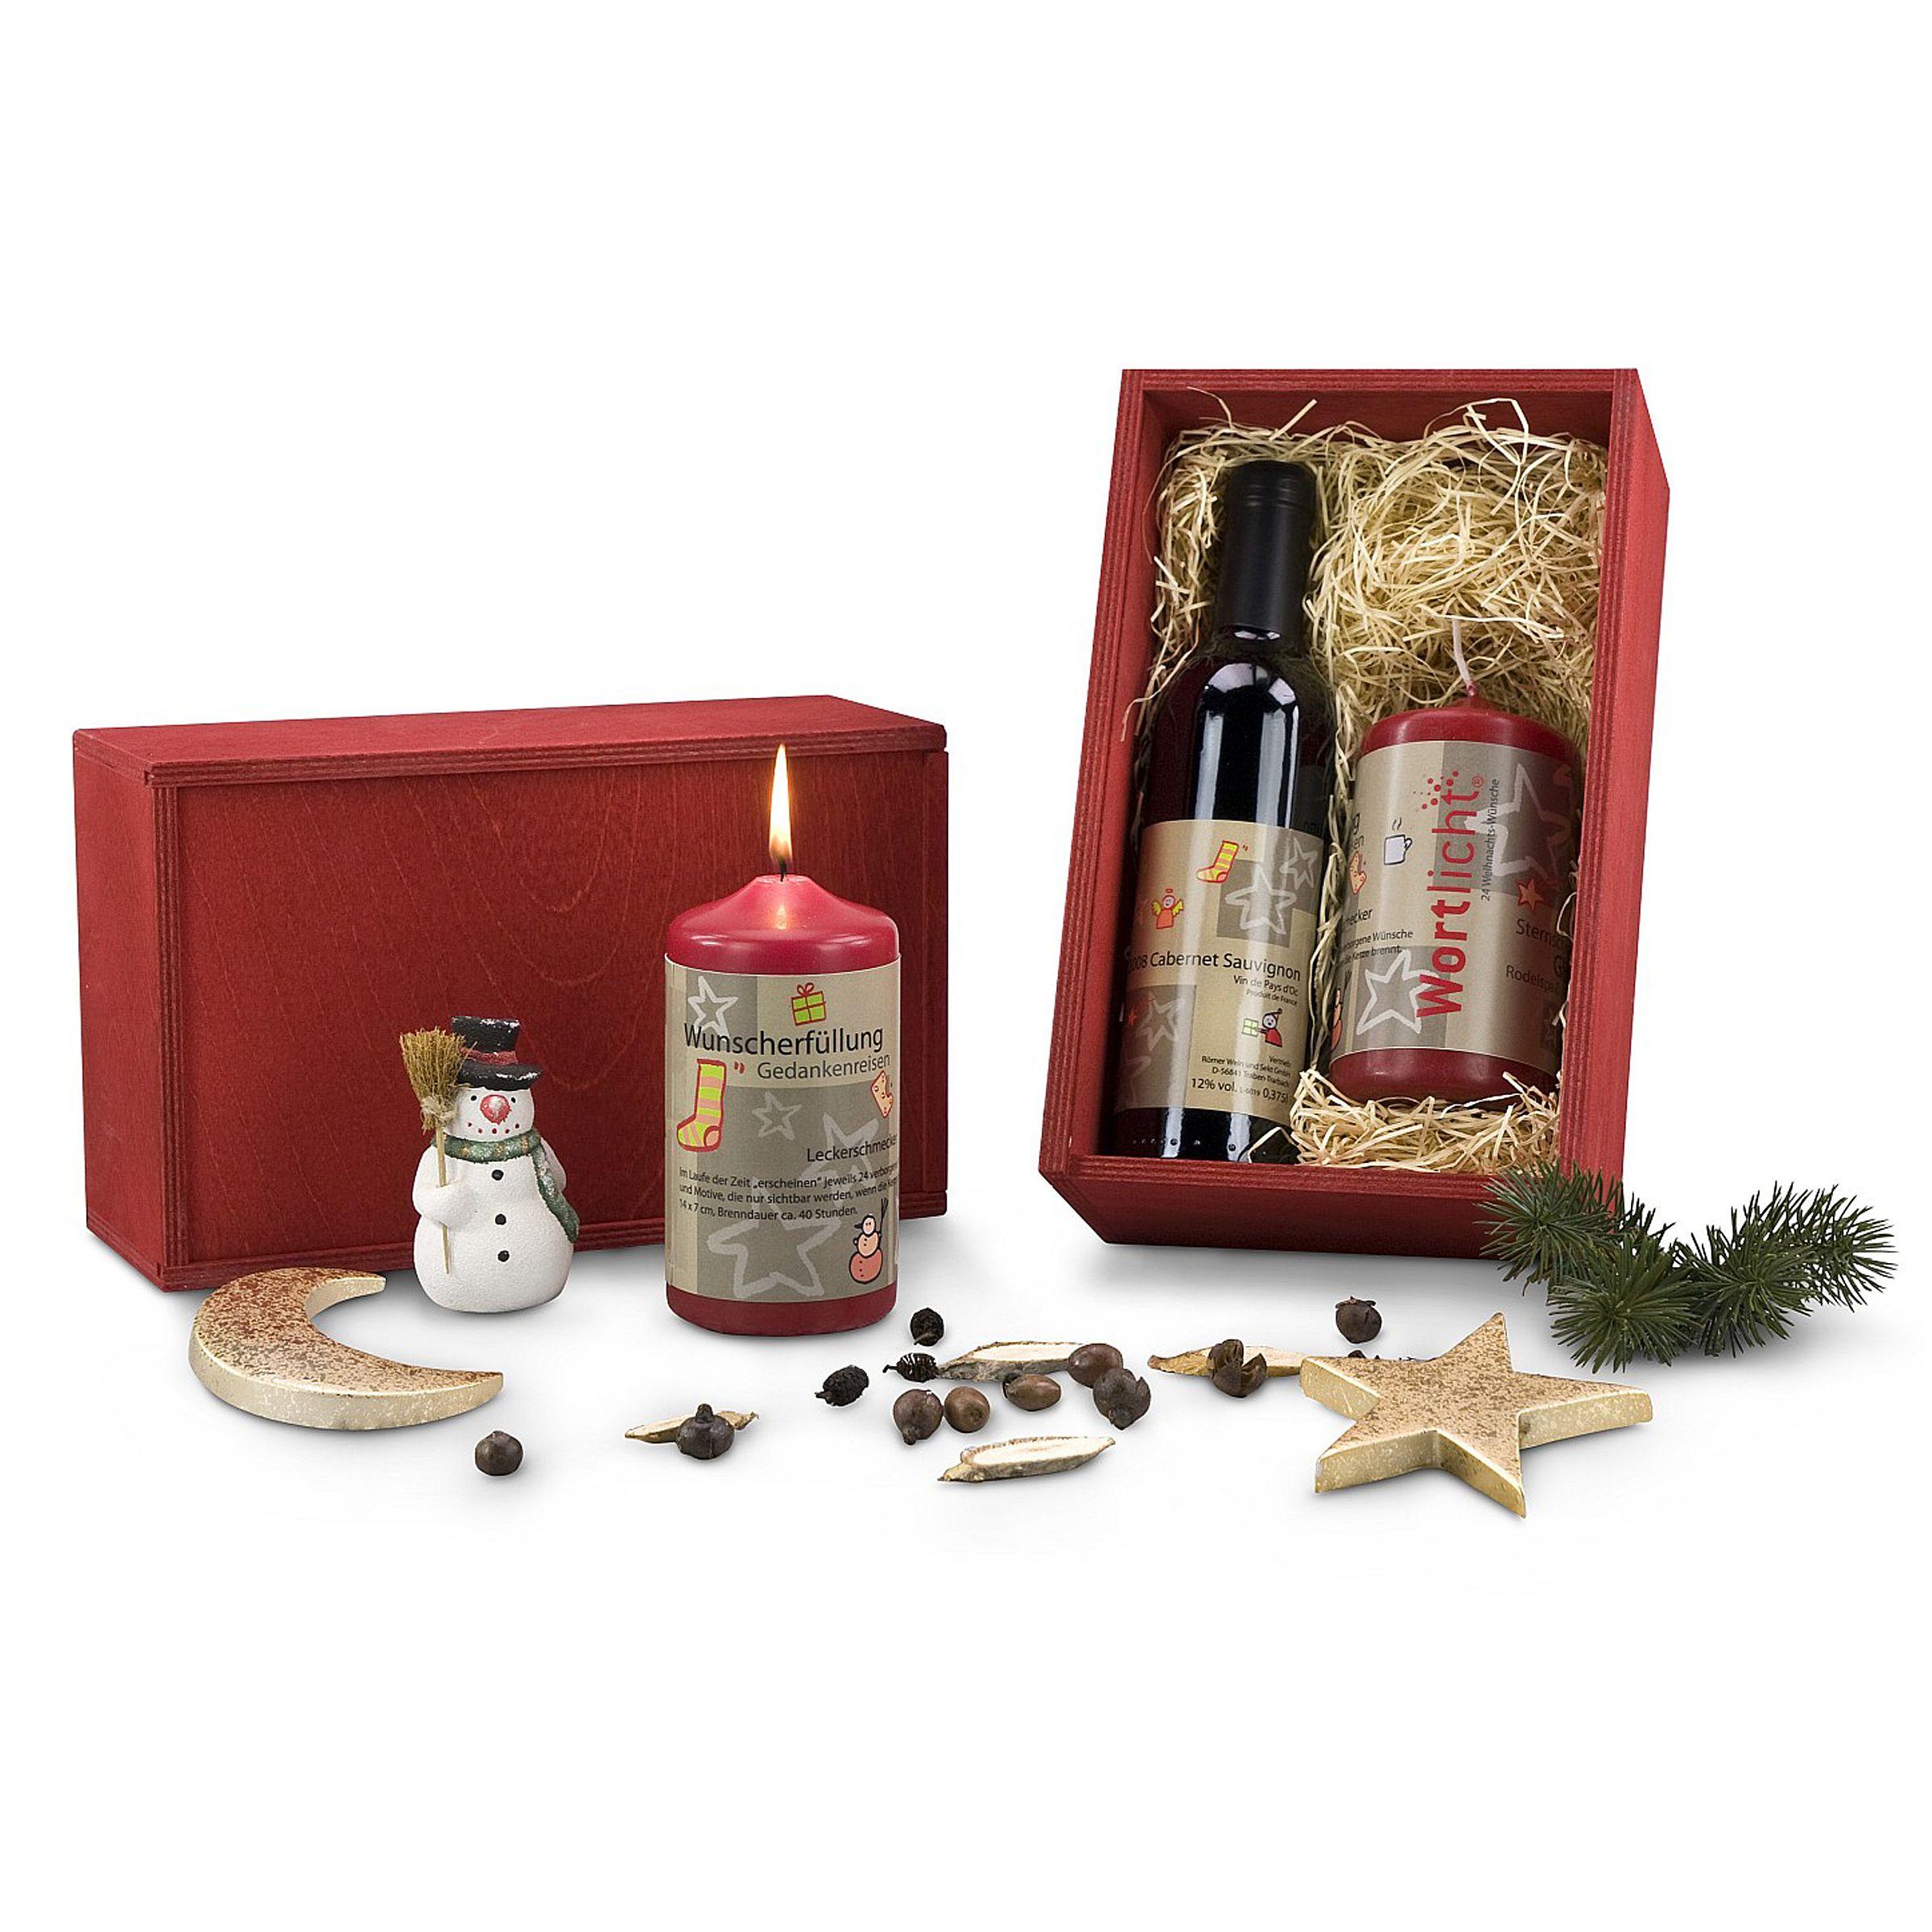 Kerze & Wein Weihnachts-Set - einfach-geschenke-finden.de